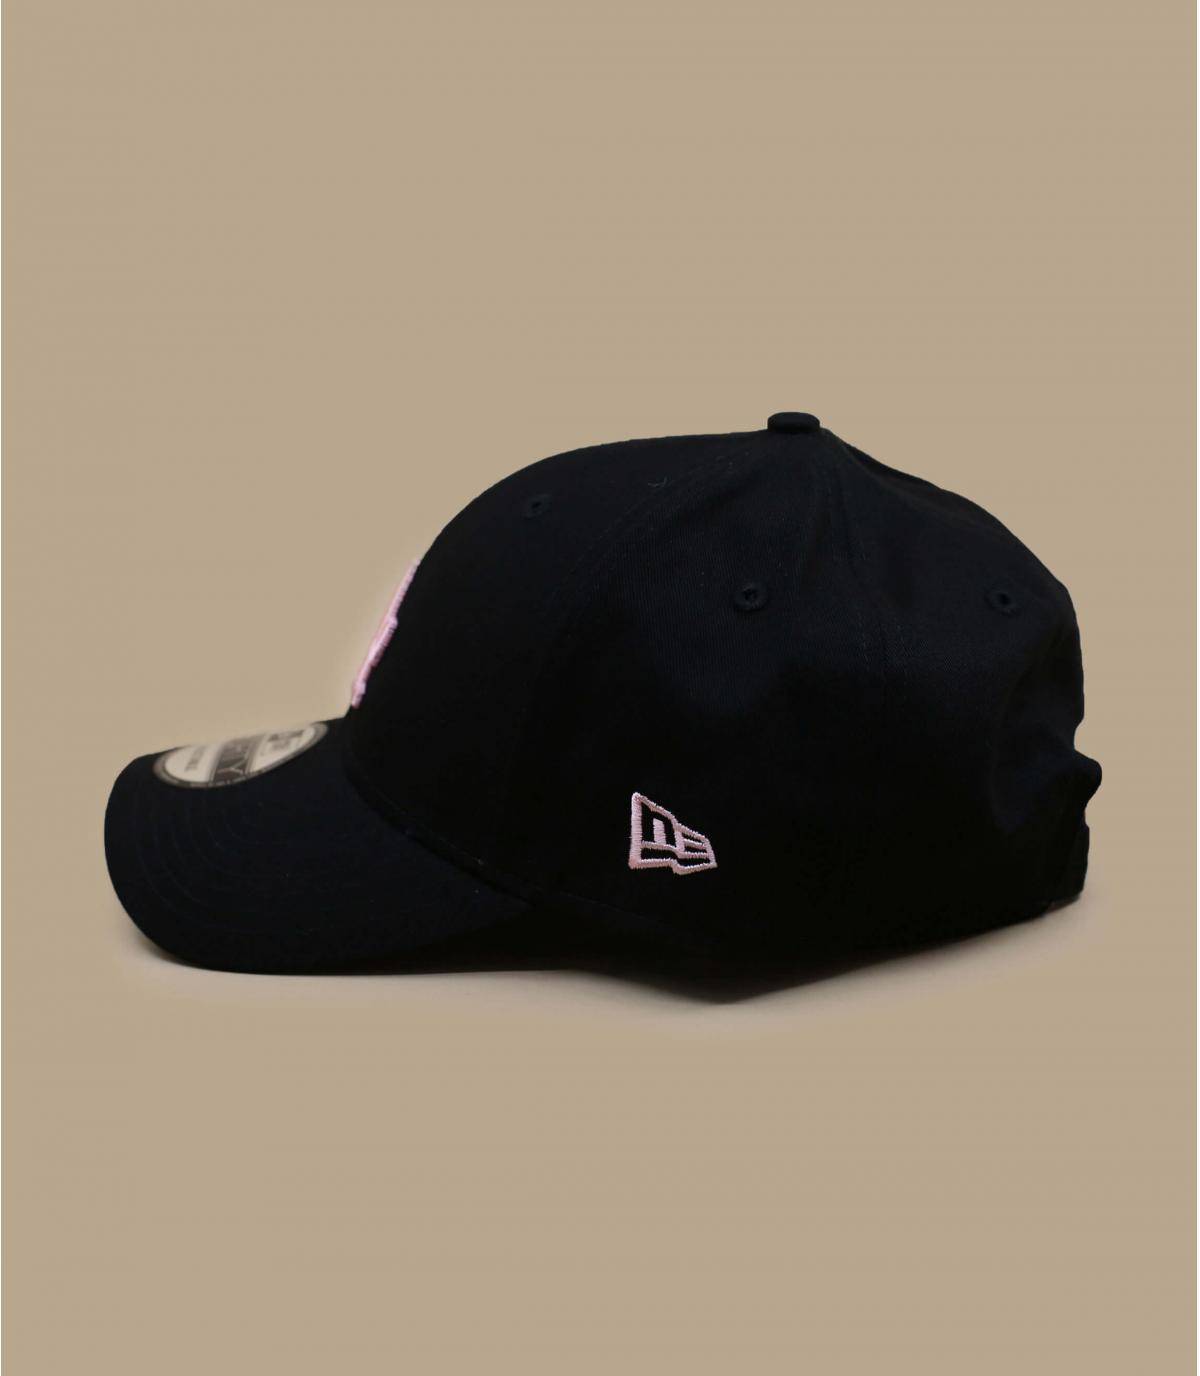 Détails Casquette League Ess 940 LA black pink - image 3